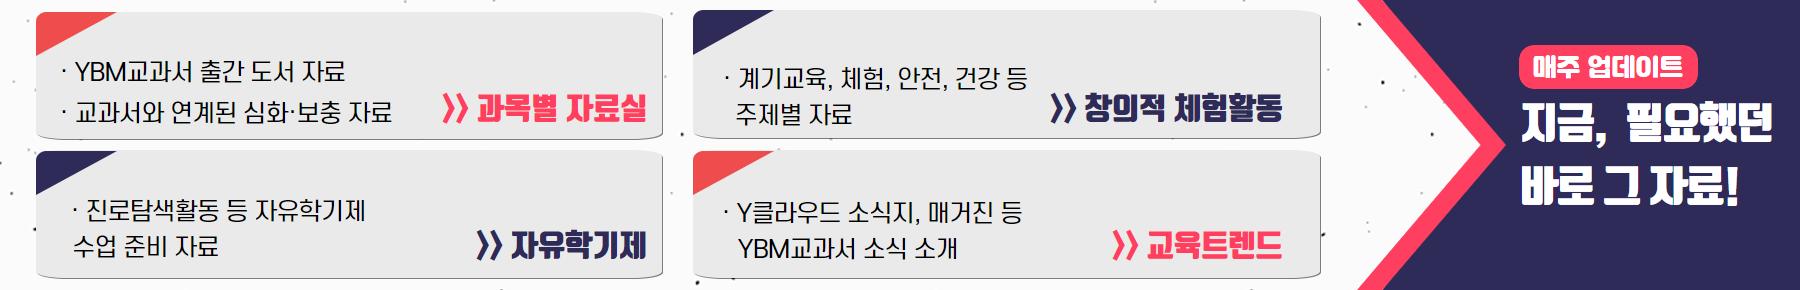 특화자료 서브배너 수정